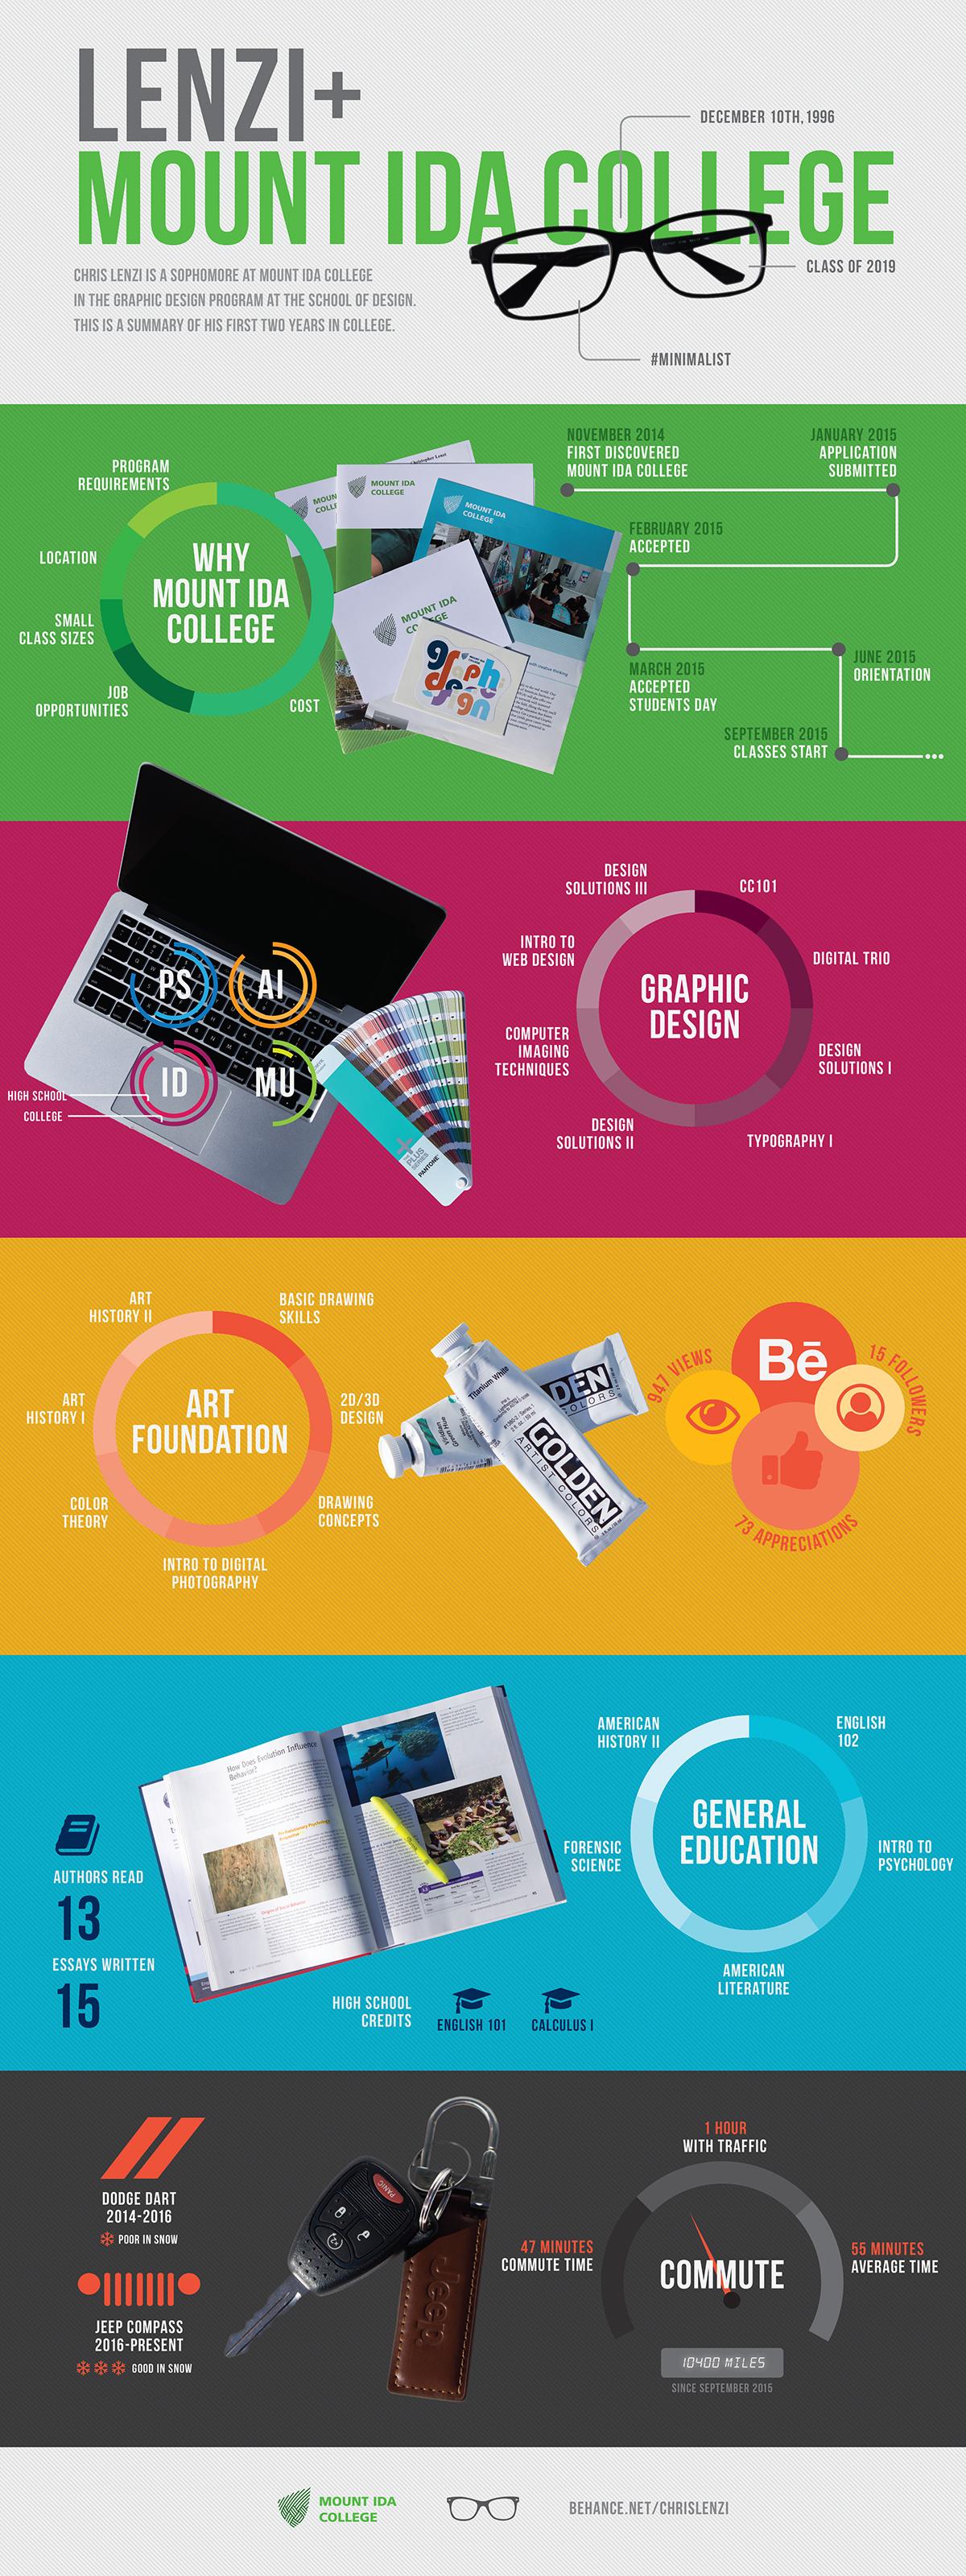 infographic mount ida  Mount Ida College graphic design  designer infographic